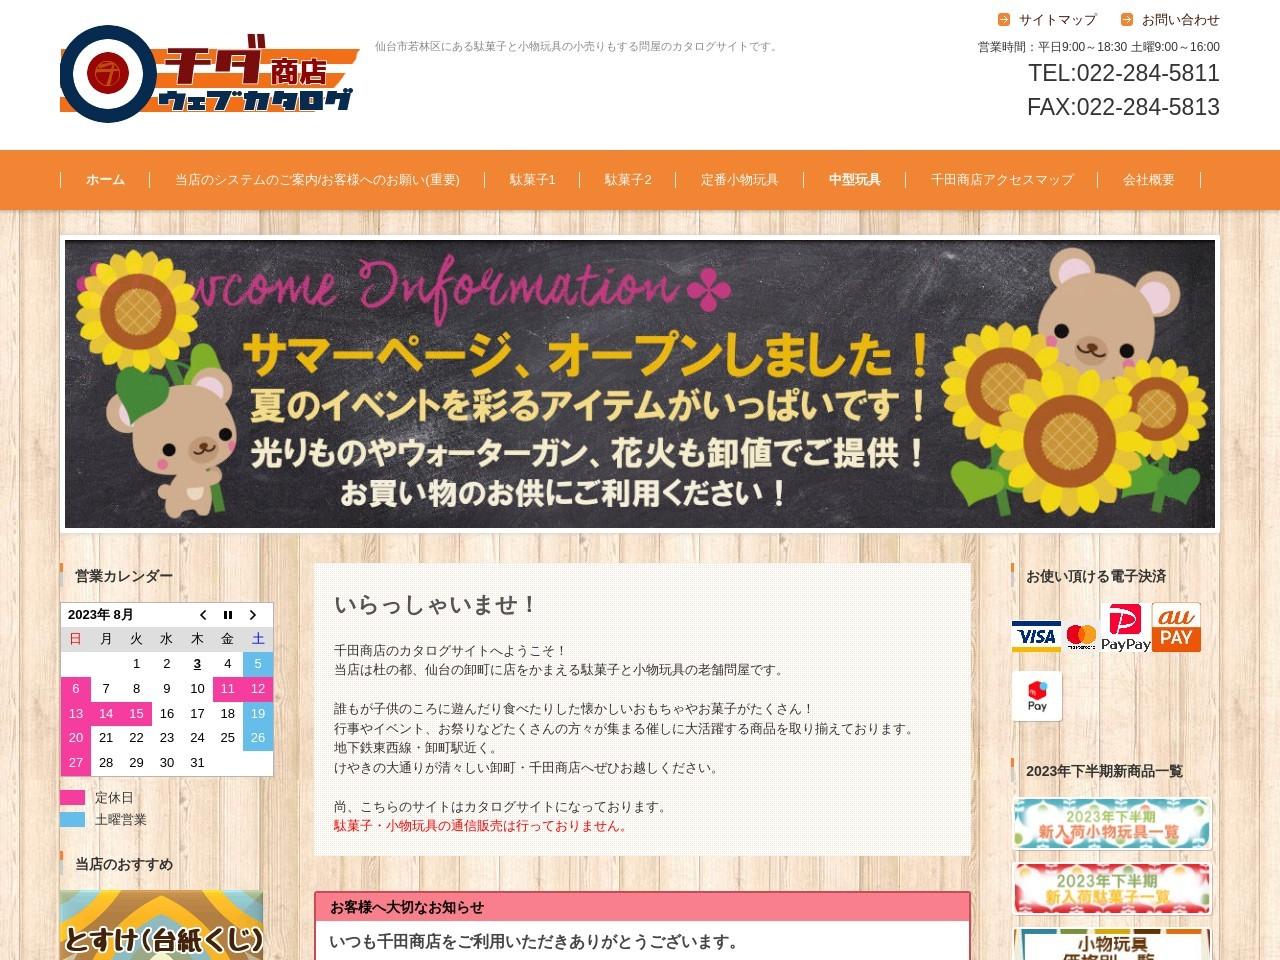 千田商店株式会社